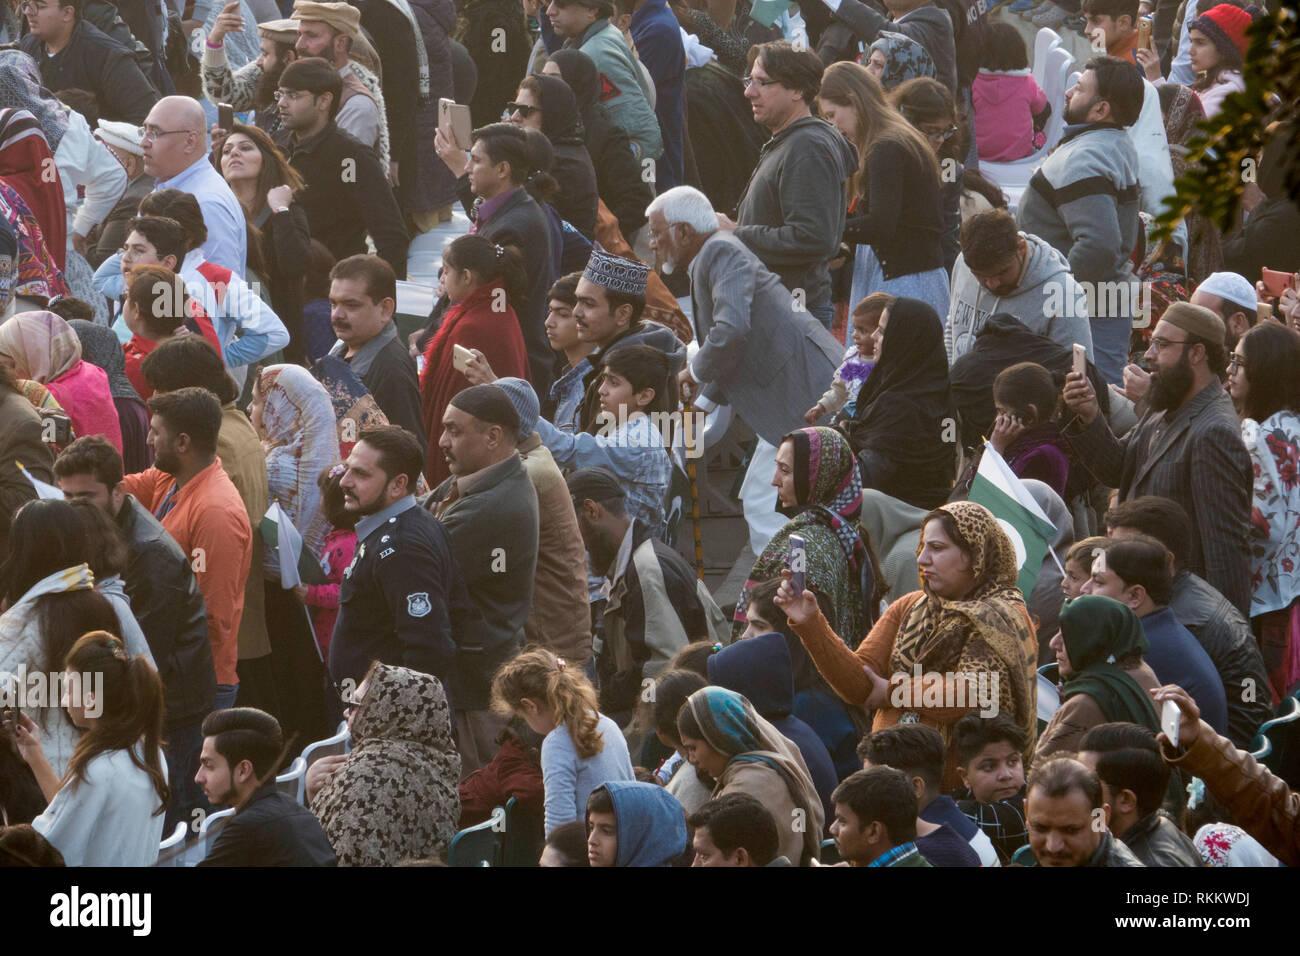 Il Pakistan si affollano alla cerimonia di frontiera in Wagah, Lahore Punjab, Pakistan Immagini Stock